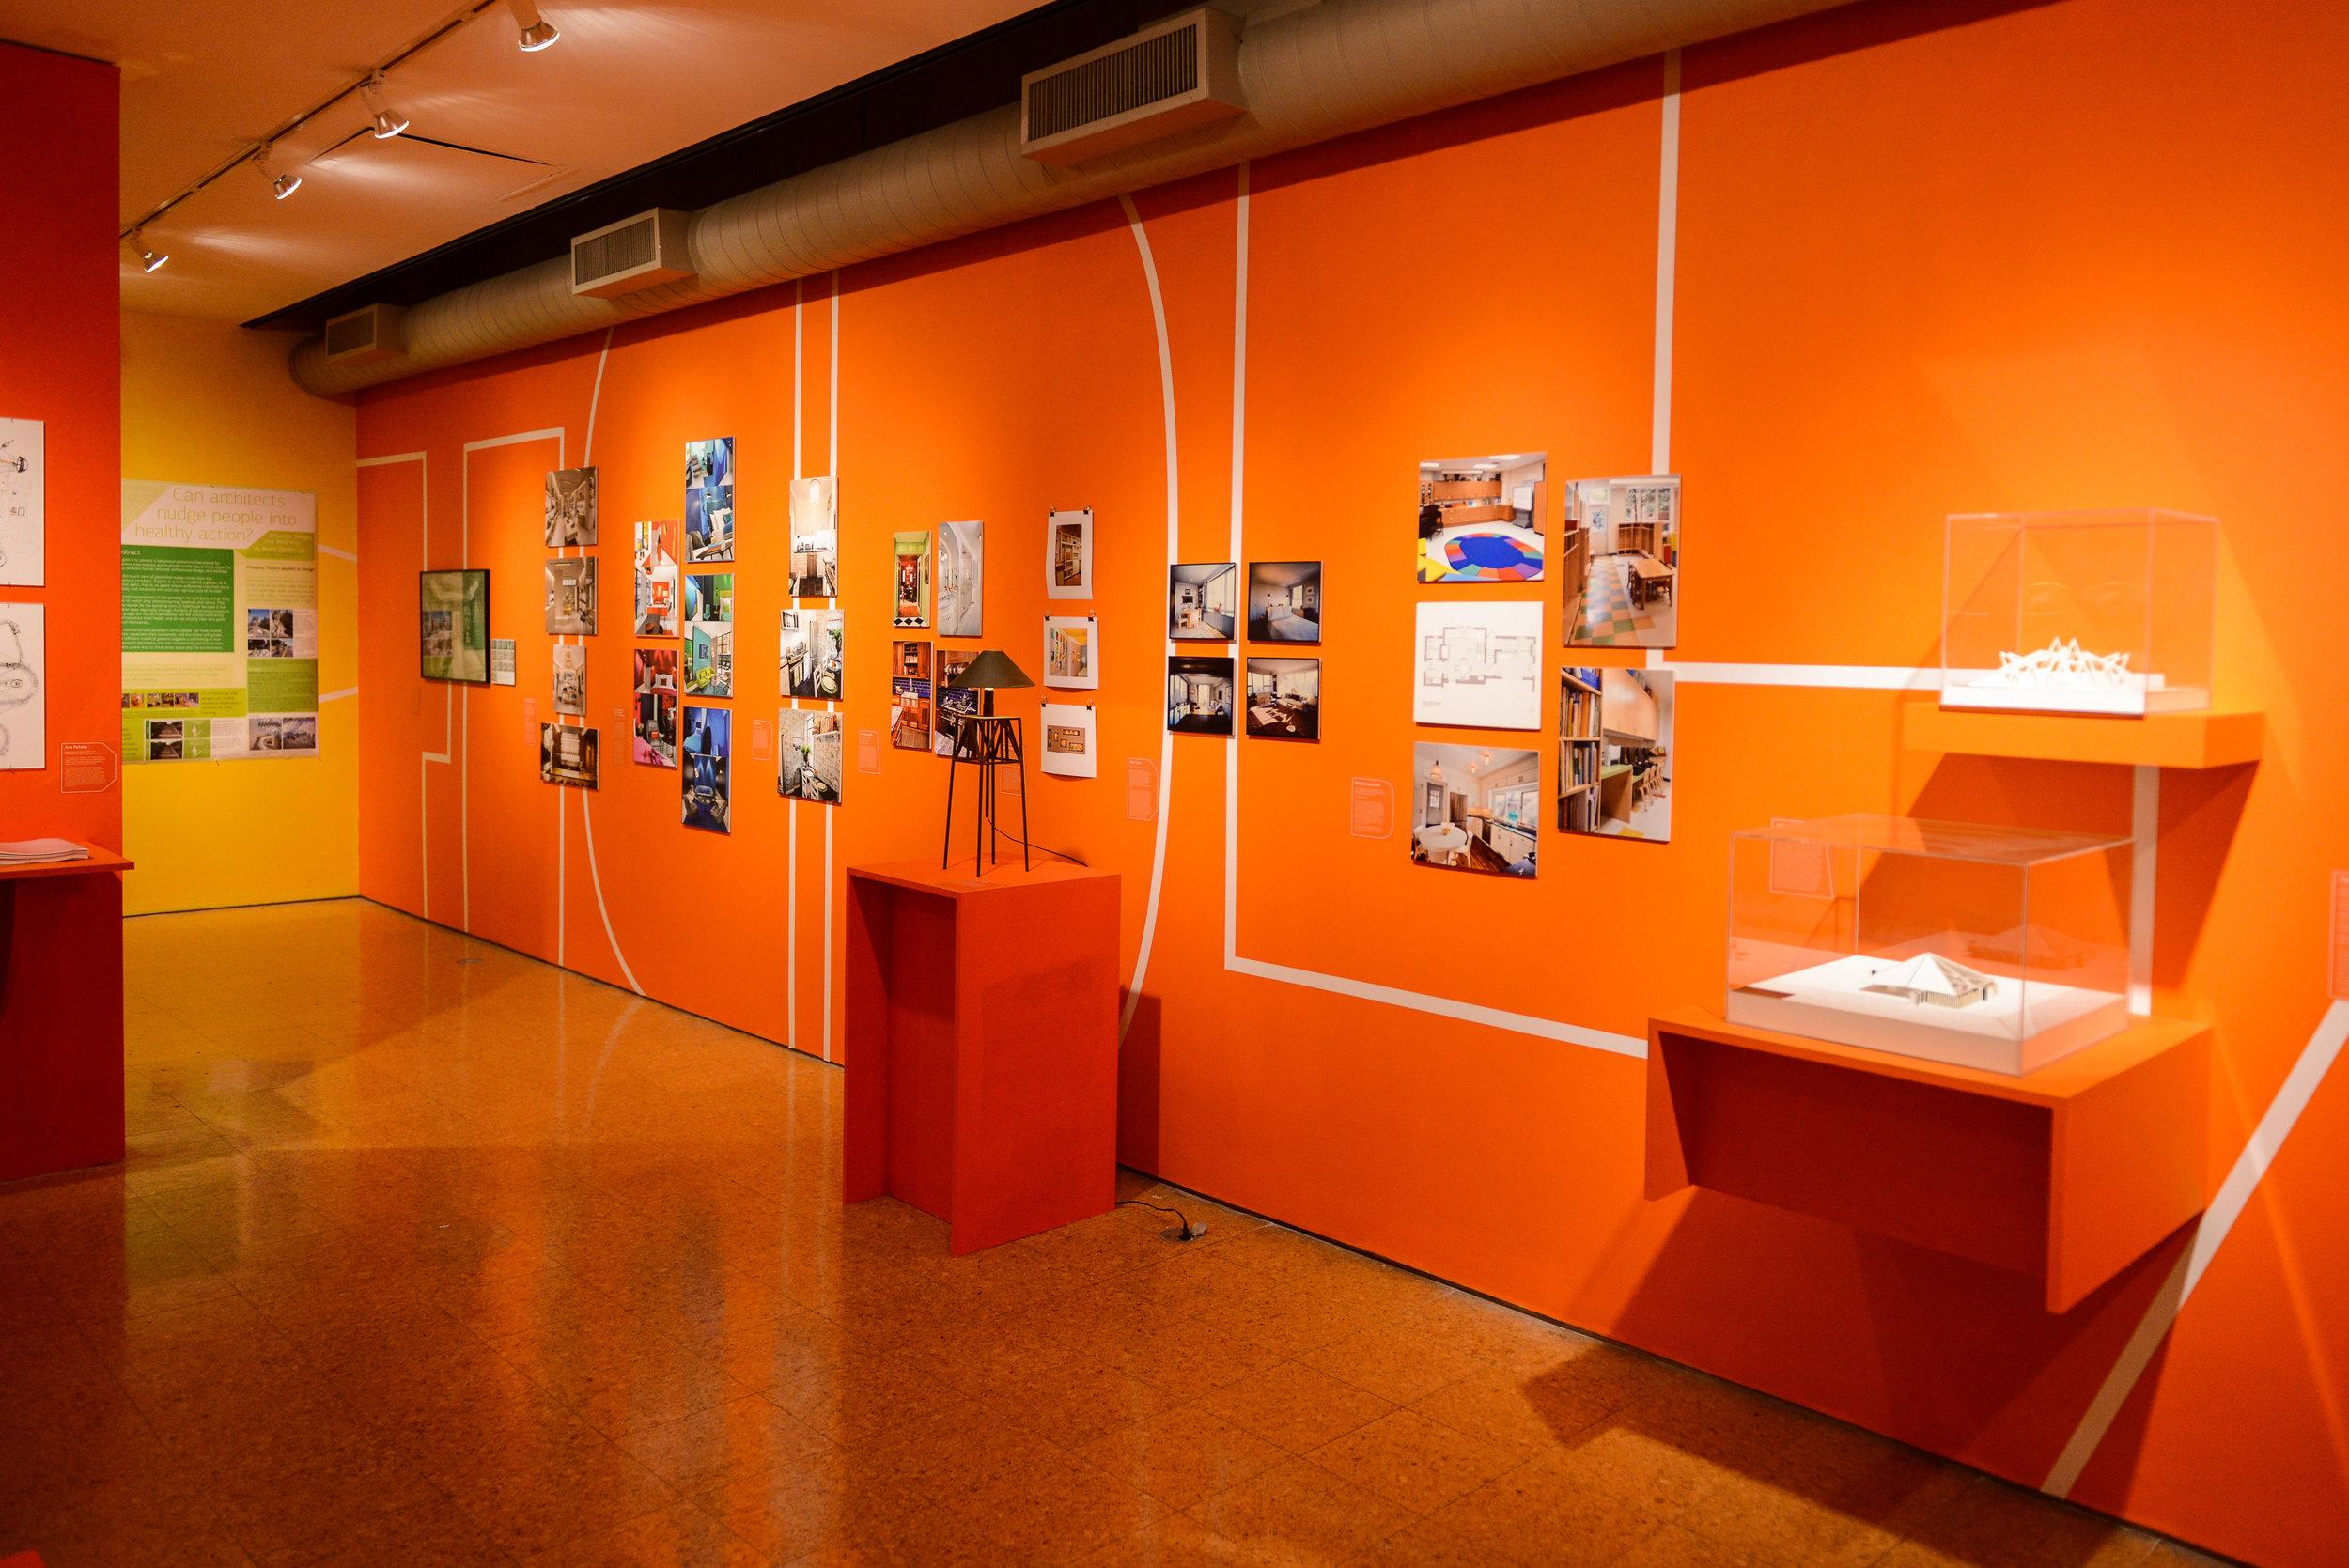 creative-scholarship-a-nysid-faculty-exhibition_36804089764_o[1].jpg